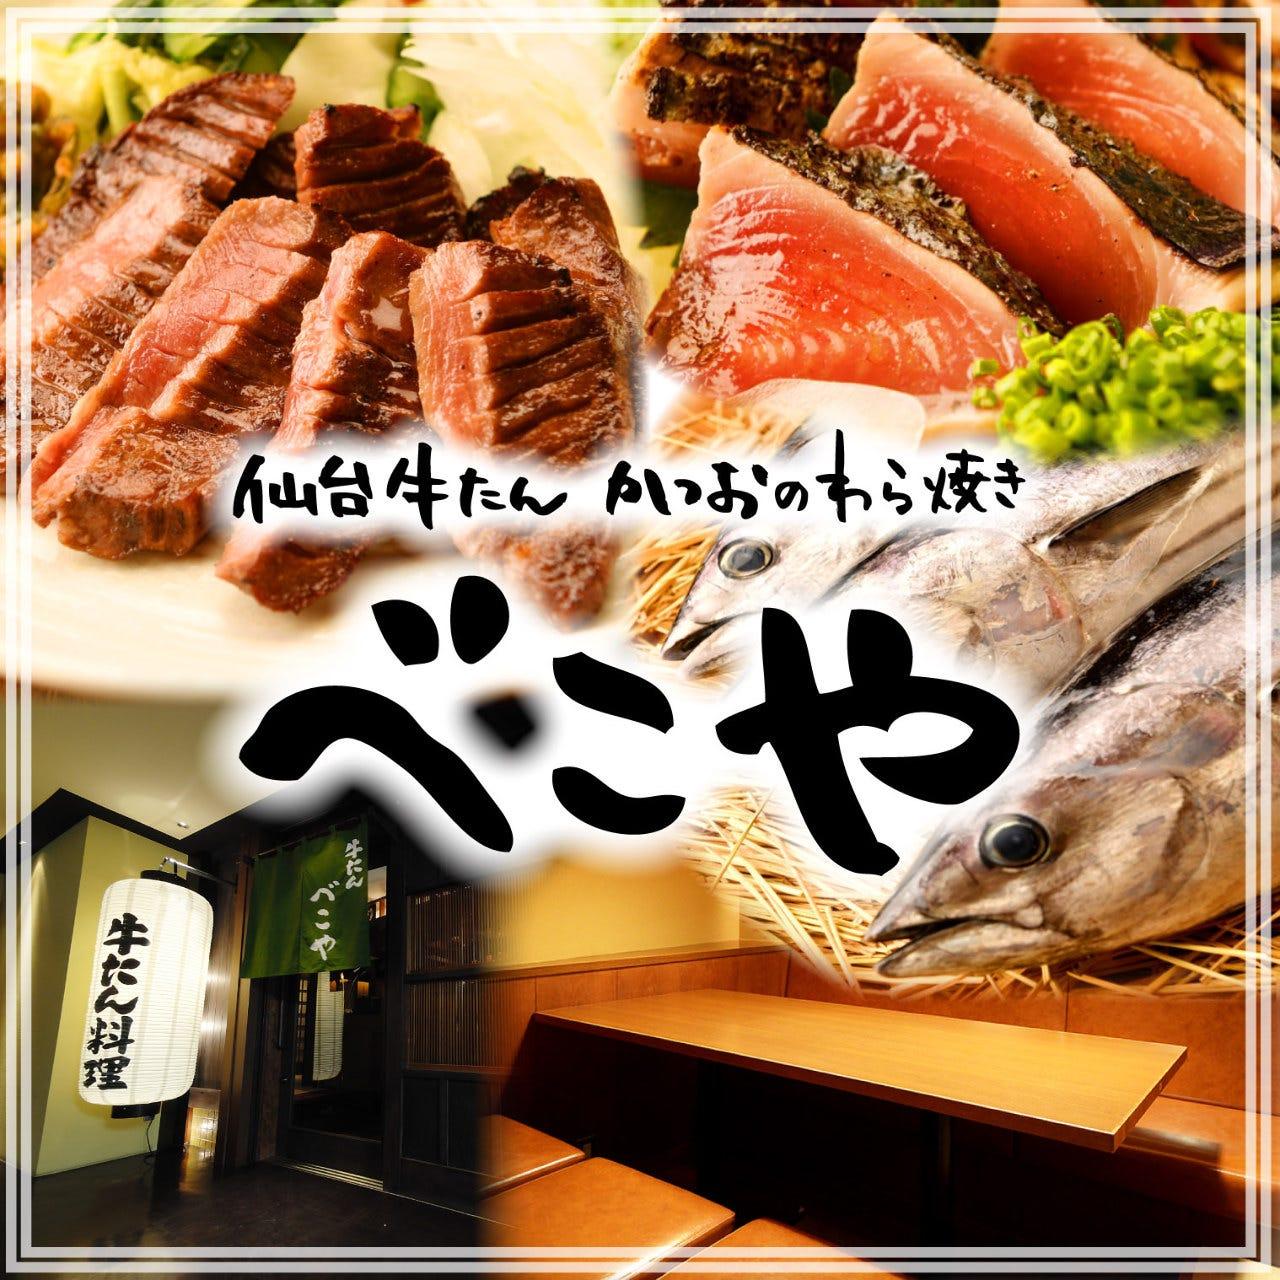 名古屋駅_個室 べこや 名駅店_写真1